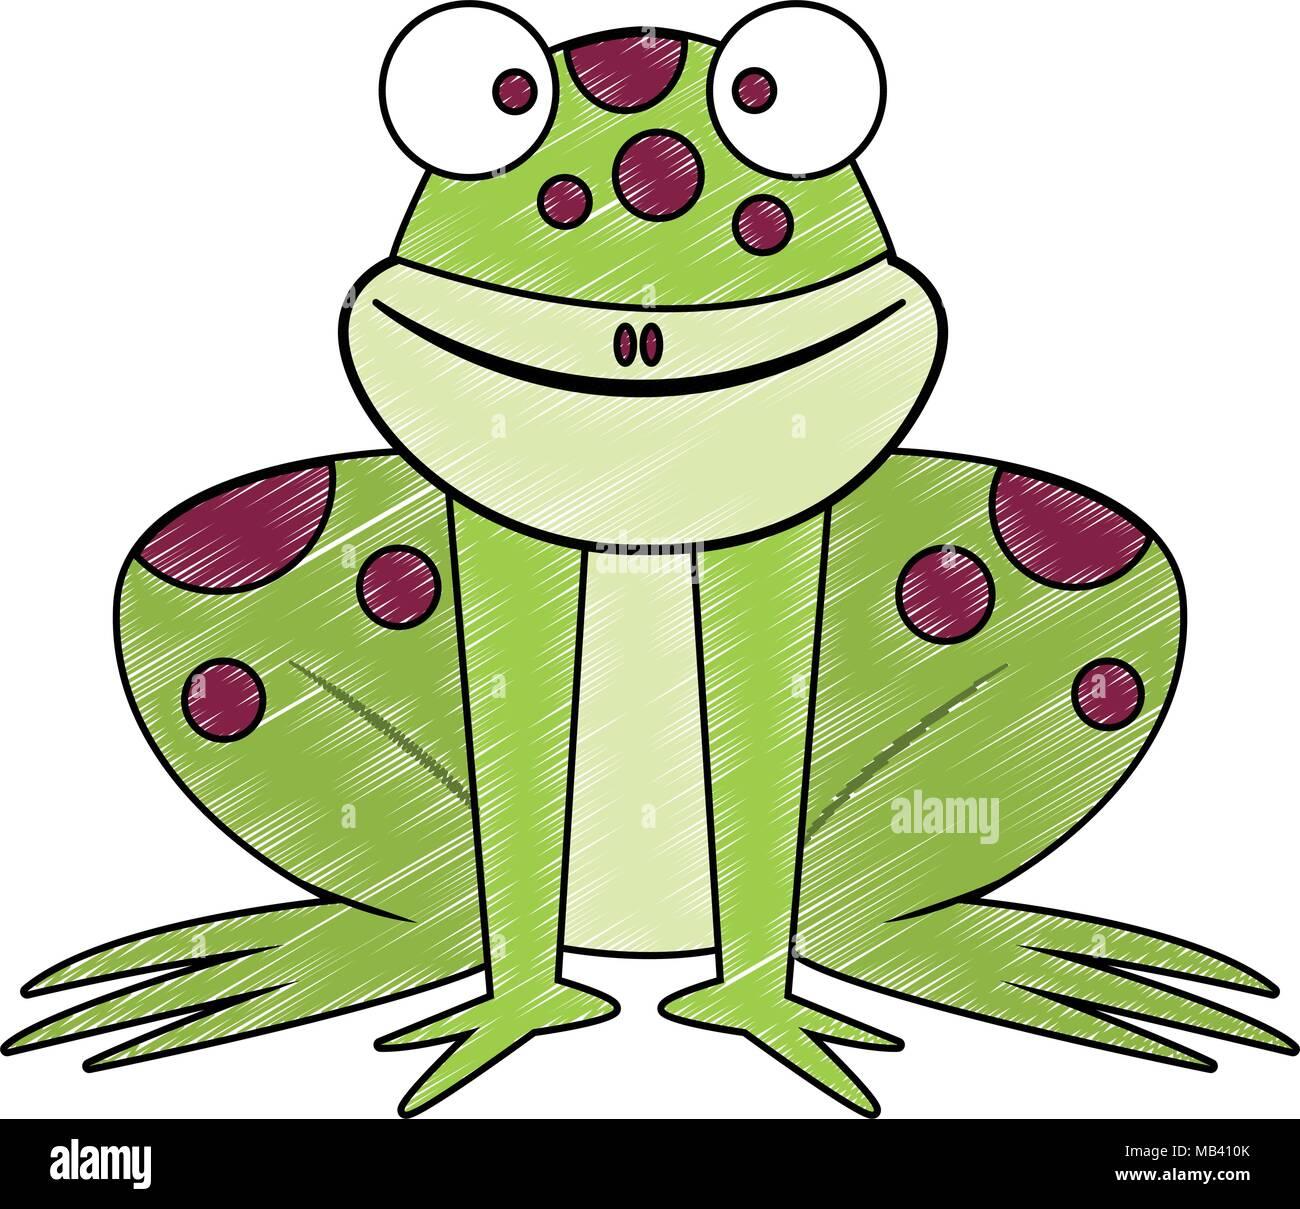 Frog Character Imágenes De Stock & Frog Character Fotos De Stock - Alamy